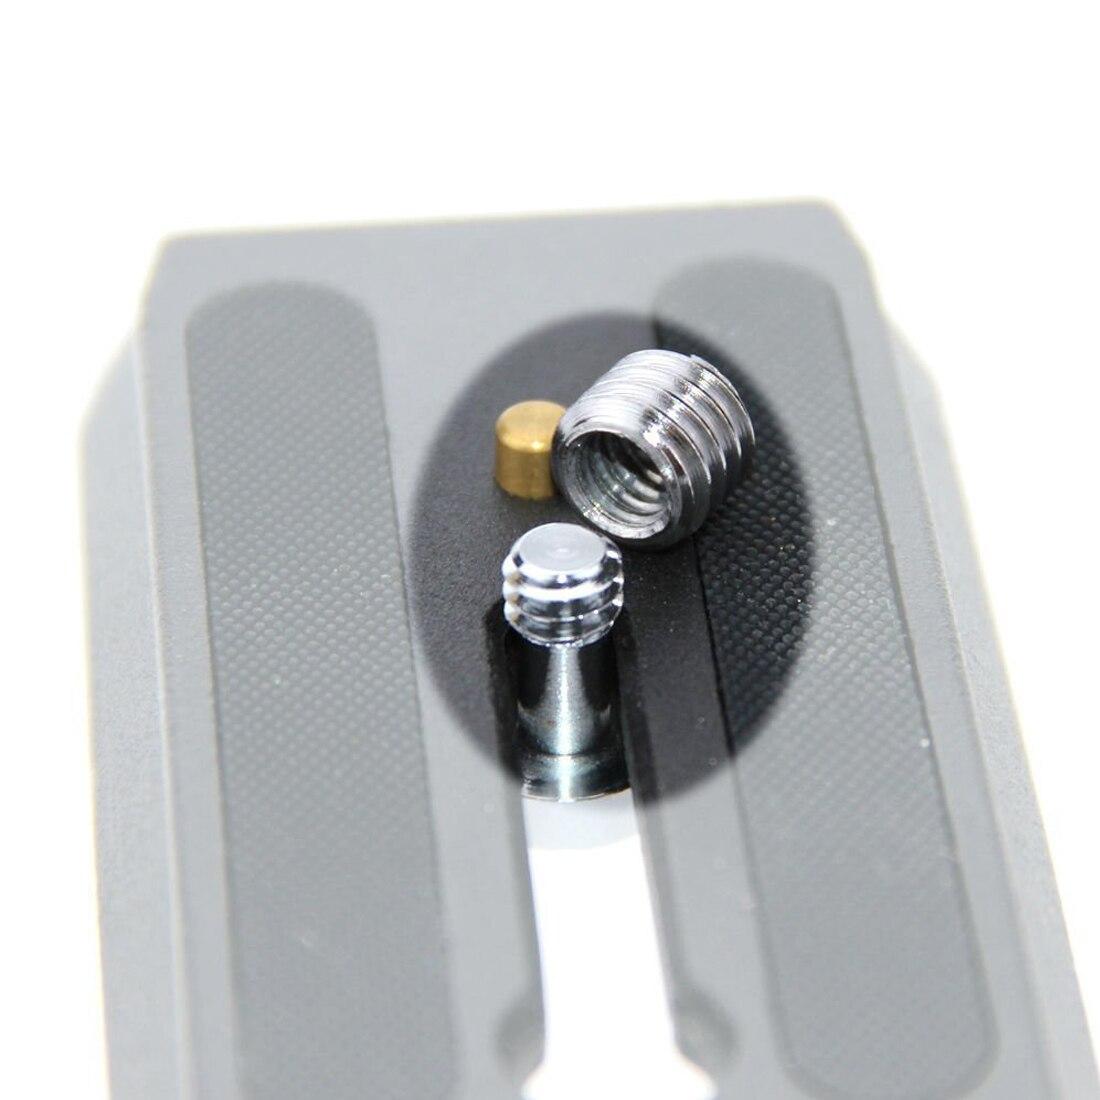 Centechia адаптер шт. 1 шт. женский 1/4 к мужской 3/8 конвертировать Винт адаптер для трипода монопода круглого аксессуары для камеры DSLR SLR